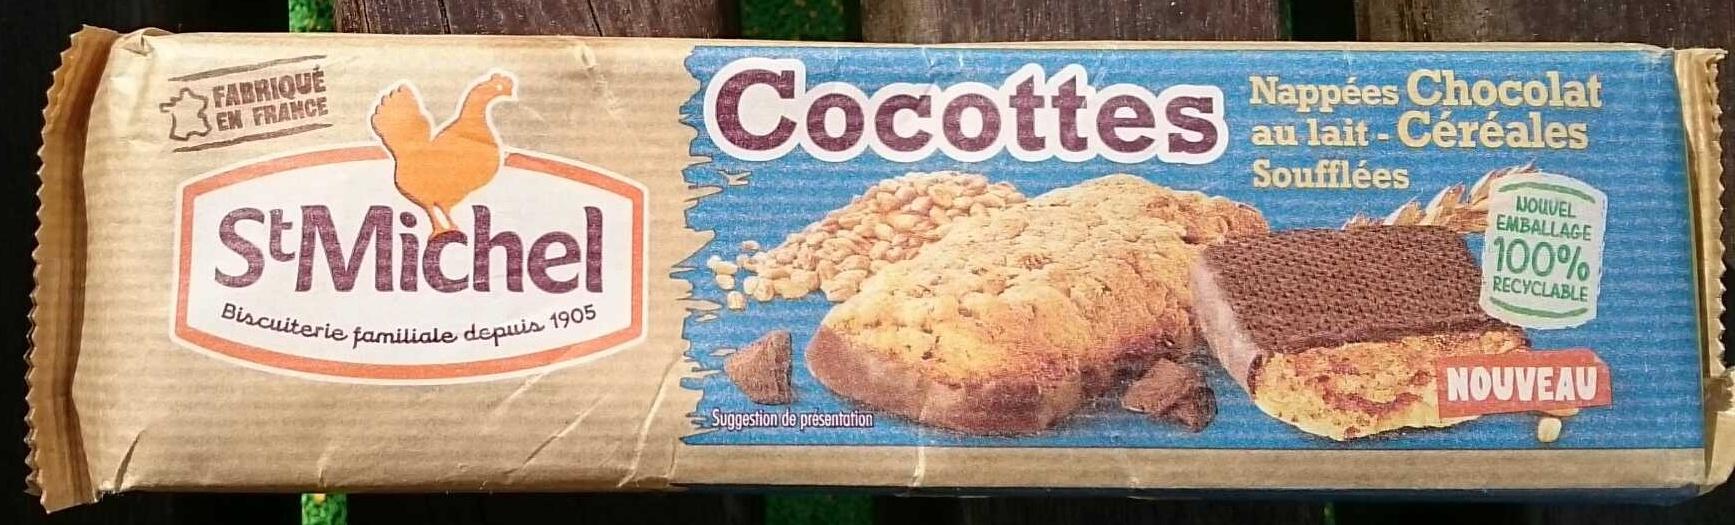 Cocottes nappées chocolat au lait - céréales soufflées - Produit - fr